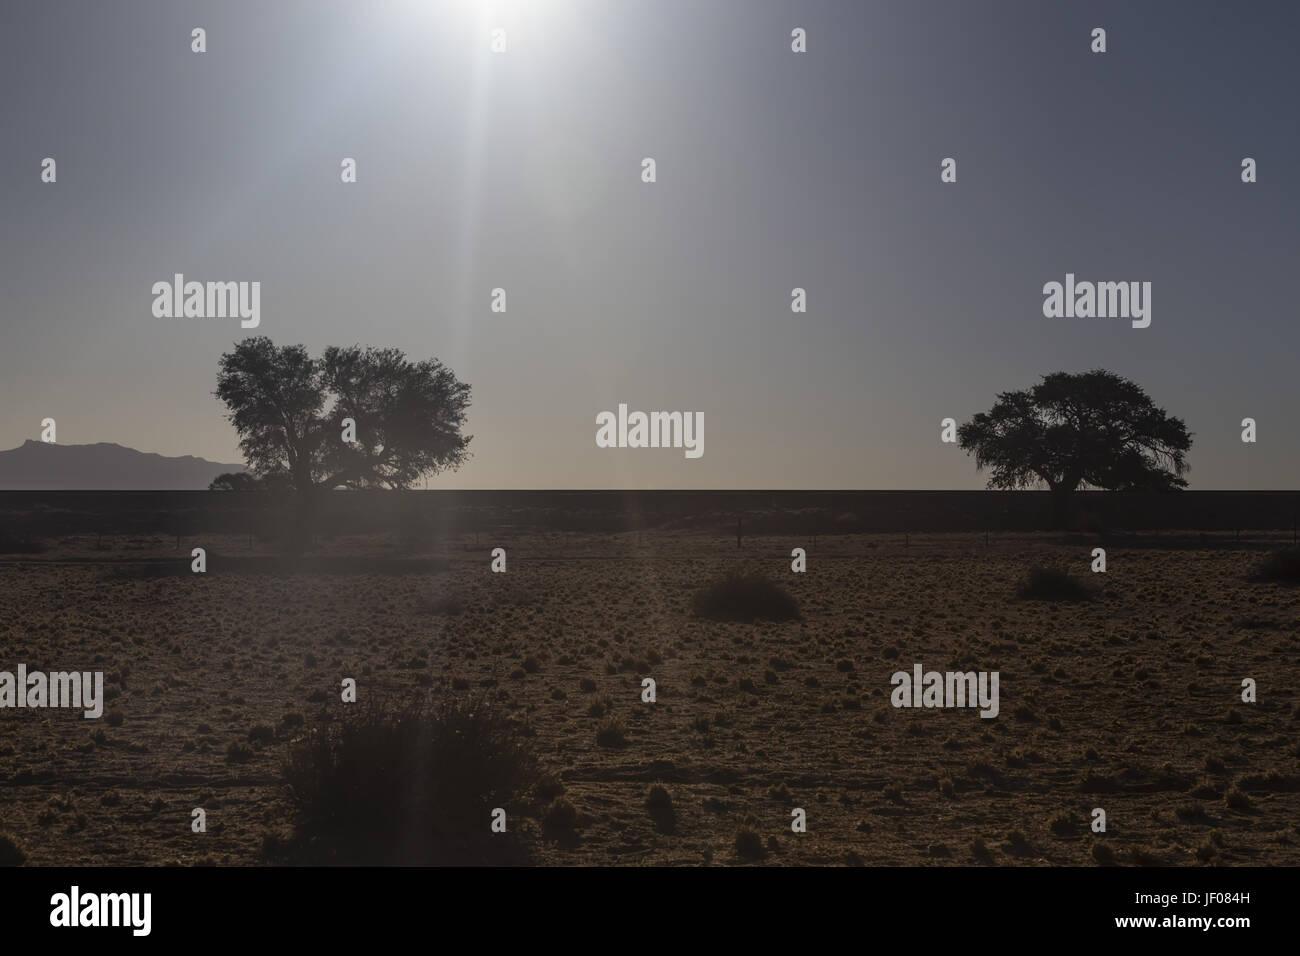 Ambiance du soir dans le désert Photo Stock